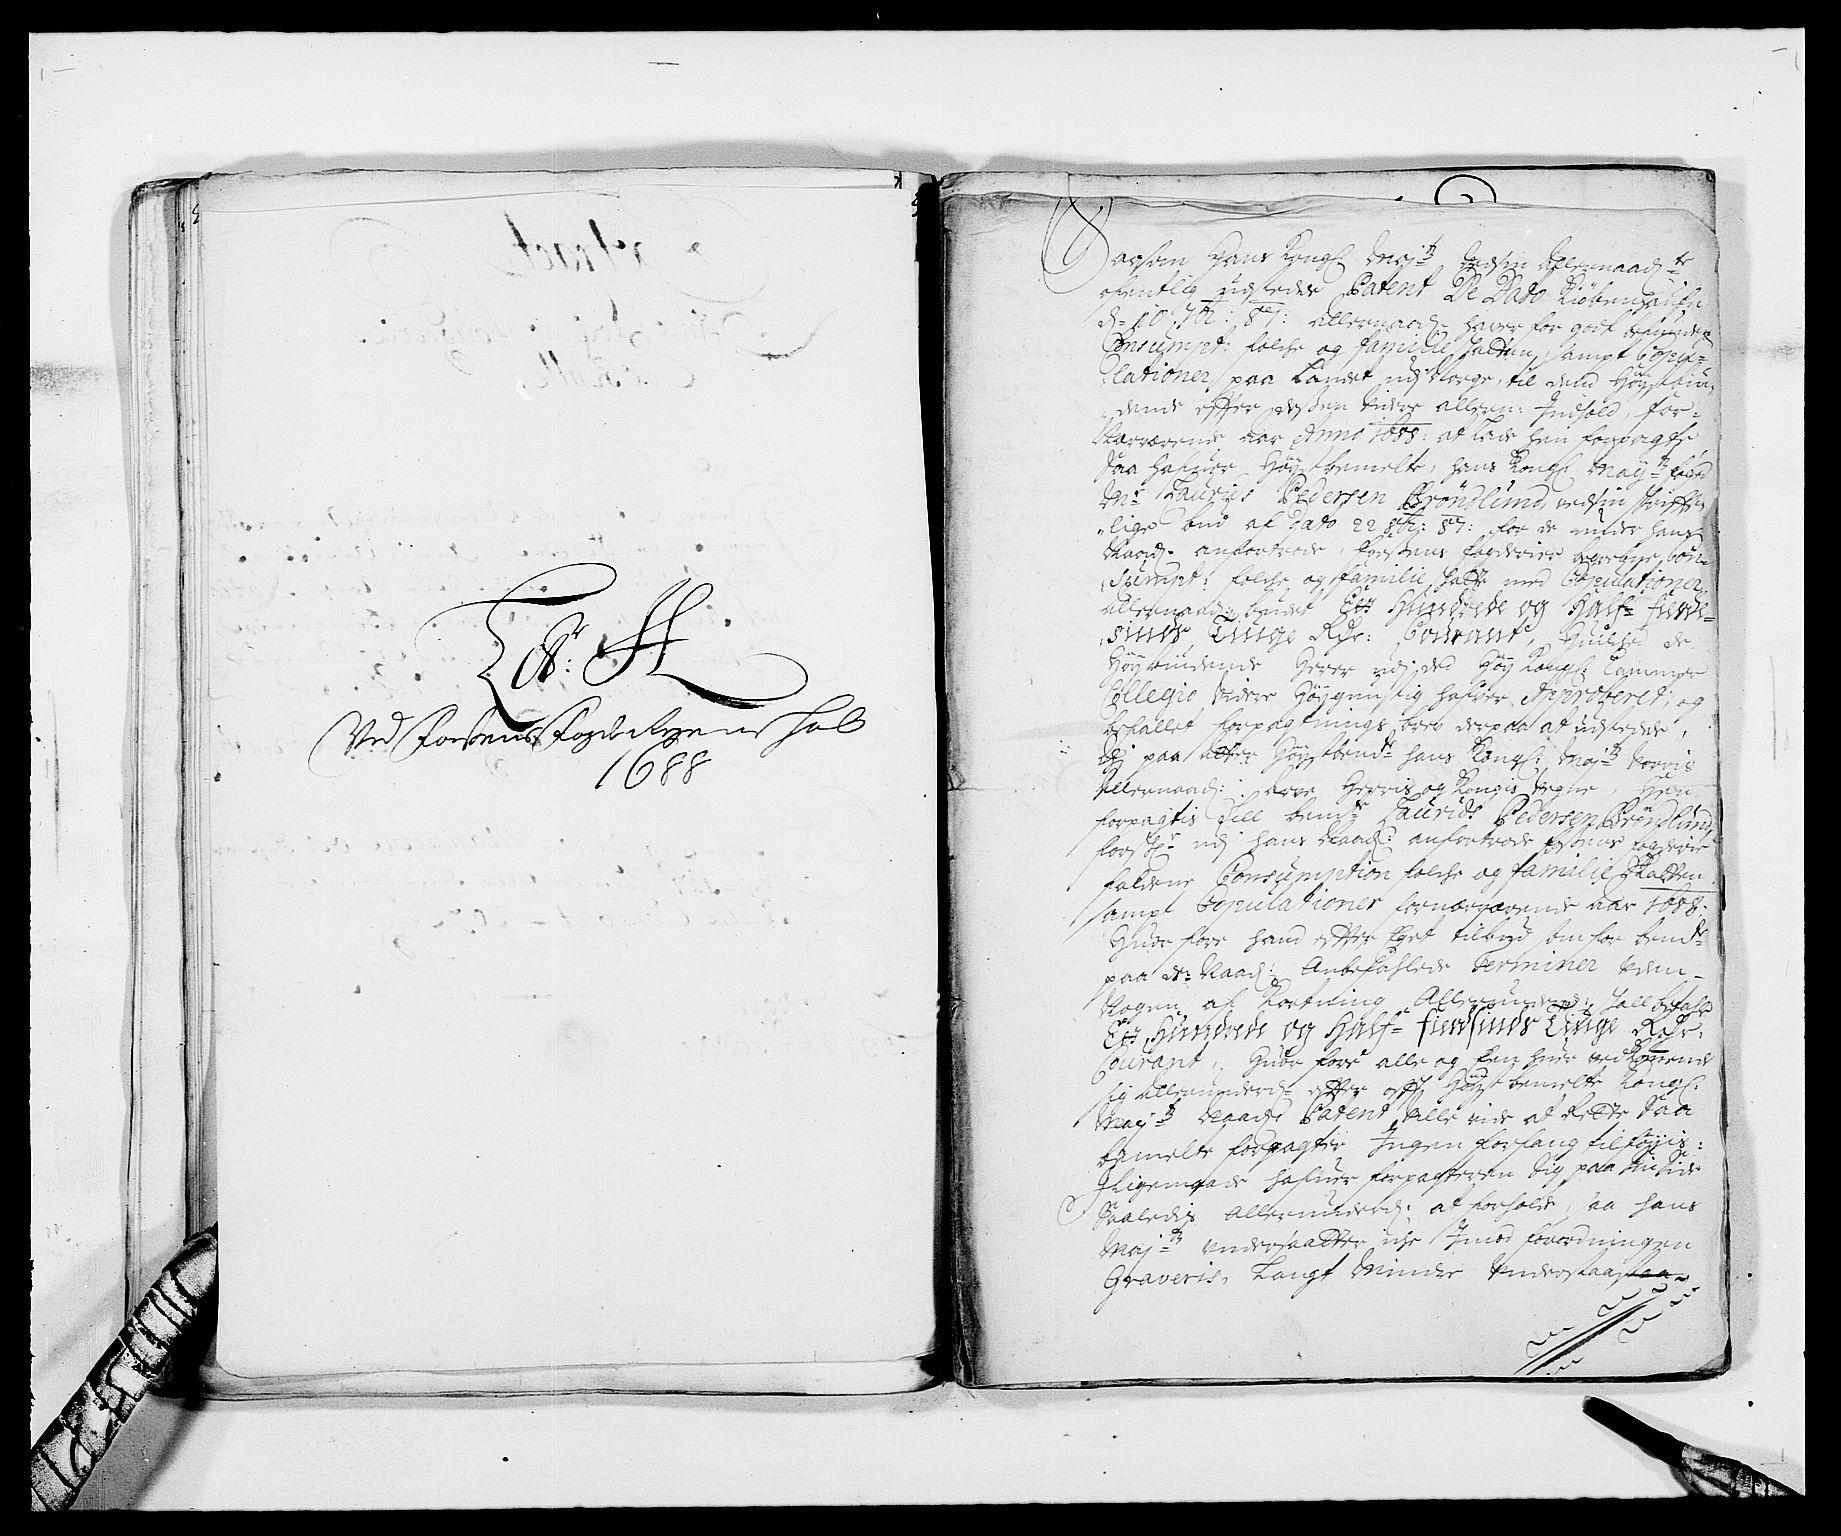 RA, Rentekammeret inntil 1814, Reviderte regnskaper, Fogderegnskap, R57/L3846: Fogderegnskap Fosen, 1688, s. 116